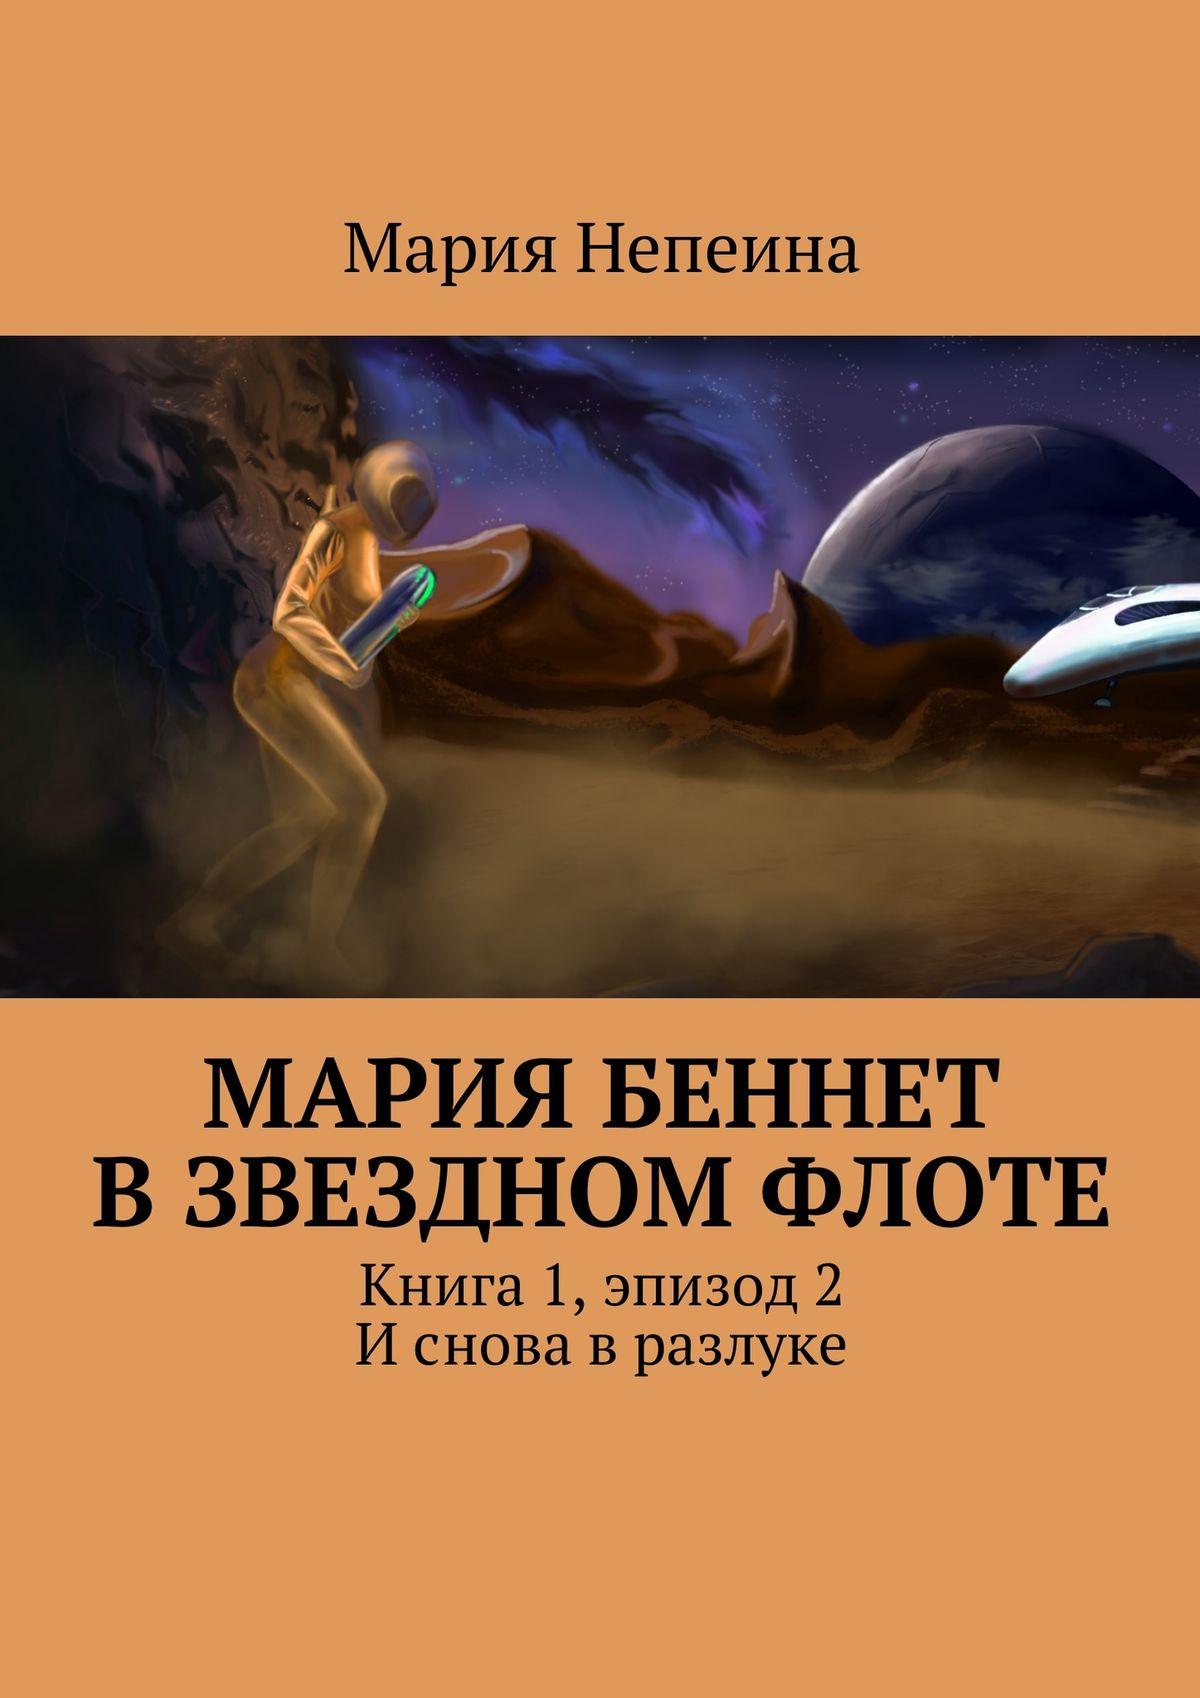 Мария Непеина Мария Беннет взвездном флоте. Книга 1,эпизод2. И снова в разлуке фишман мария столкновение с бесконечностью обычный человек в сфере просветления